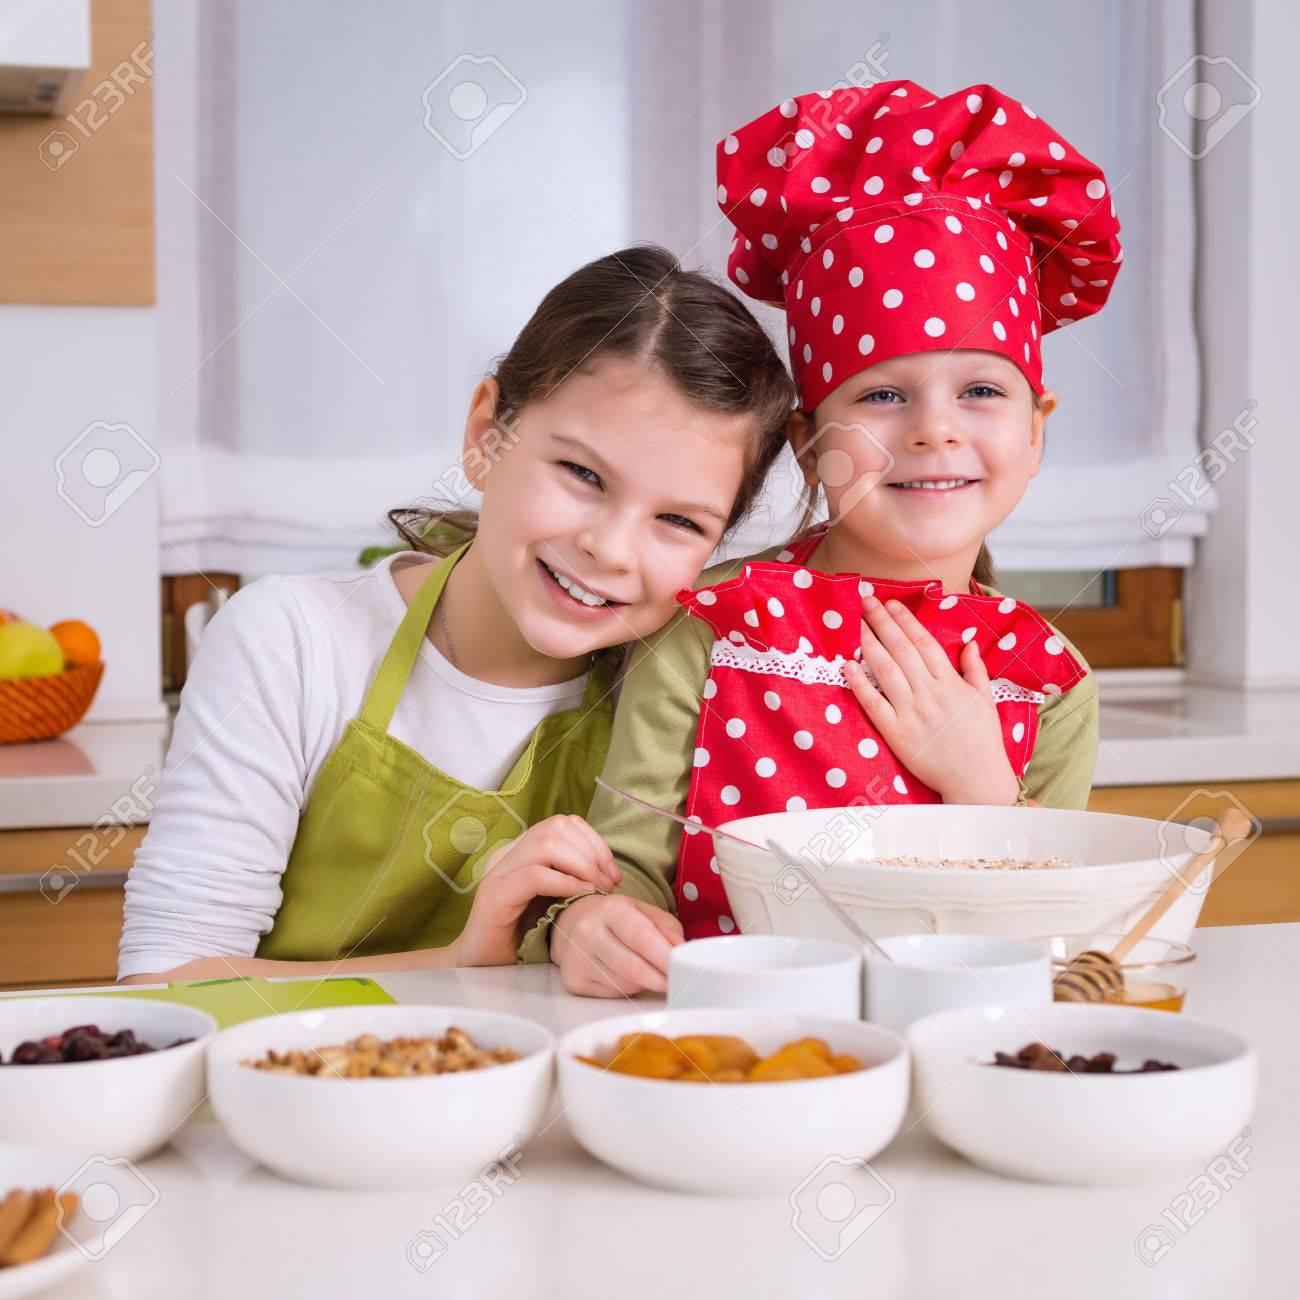 Great Foto De Archivo   Hermanas Felices Cocinar Juntos. Los Niños Pequeños De La  Familia Niños Felices Divirtiéndose Preparar Granola En La Cocina En El  Hogar